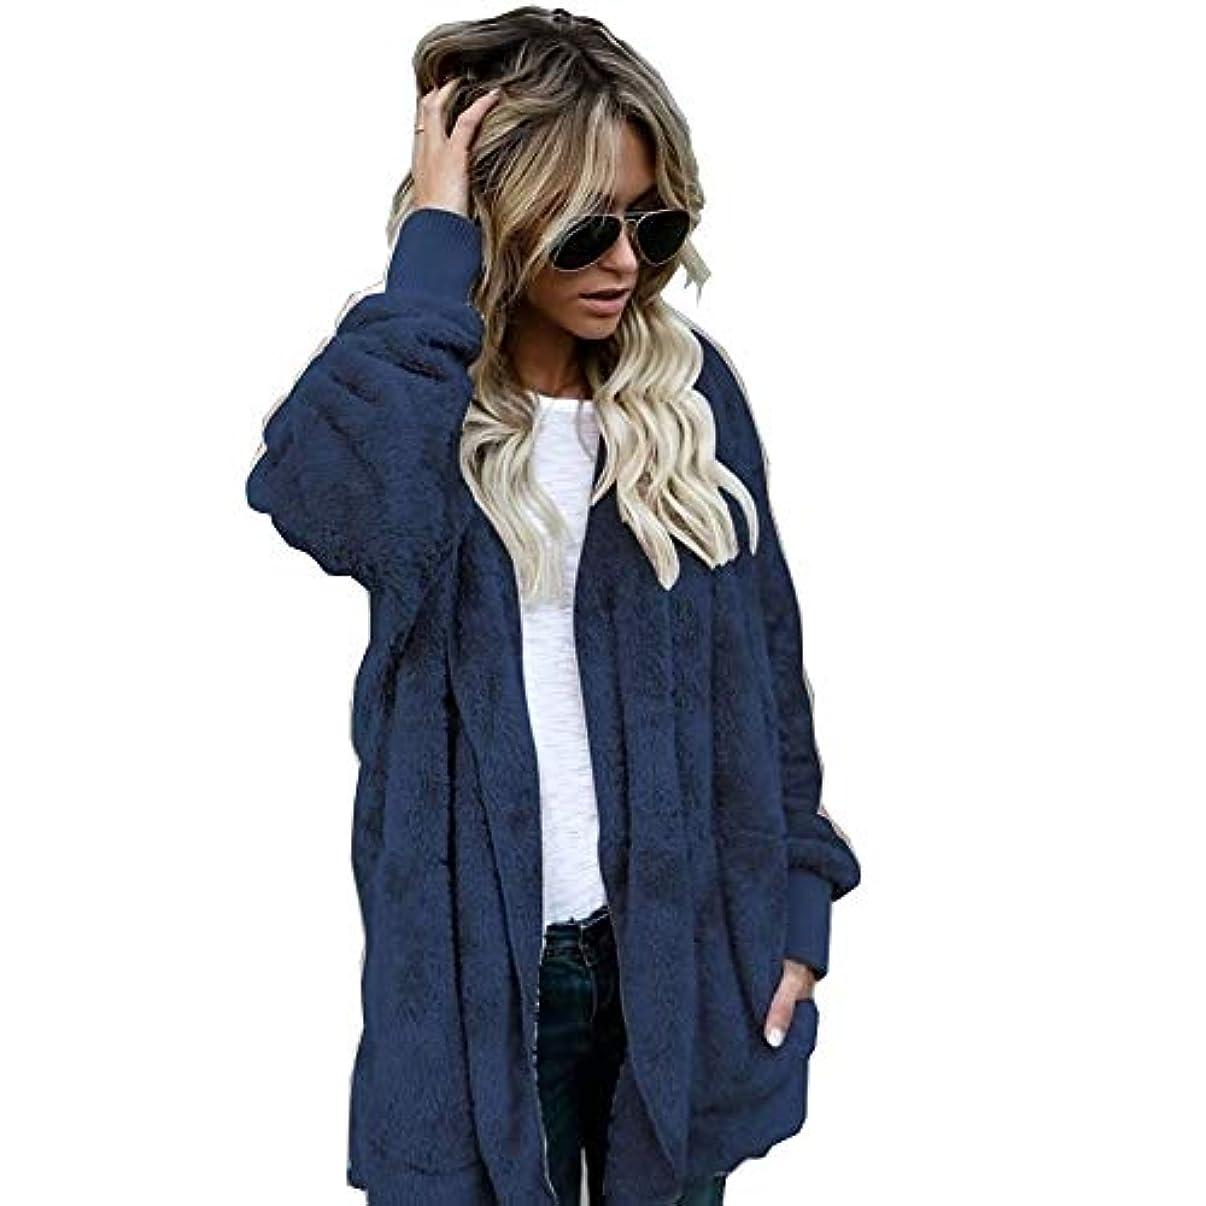 ちょっと待って退屈こしょうMIFAN 長袖パーカー、冬のコート、女性のコート、女性の緩い厚く暖かいフェイクファーフード付きカーディガン